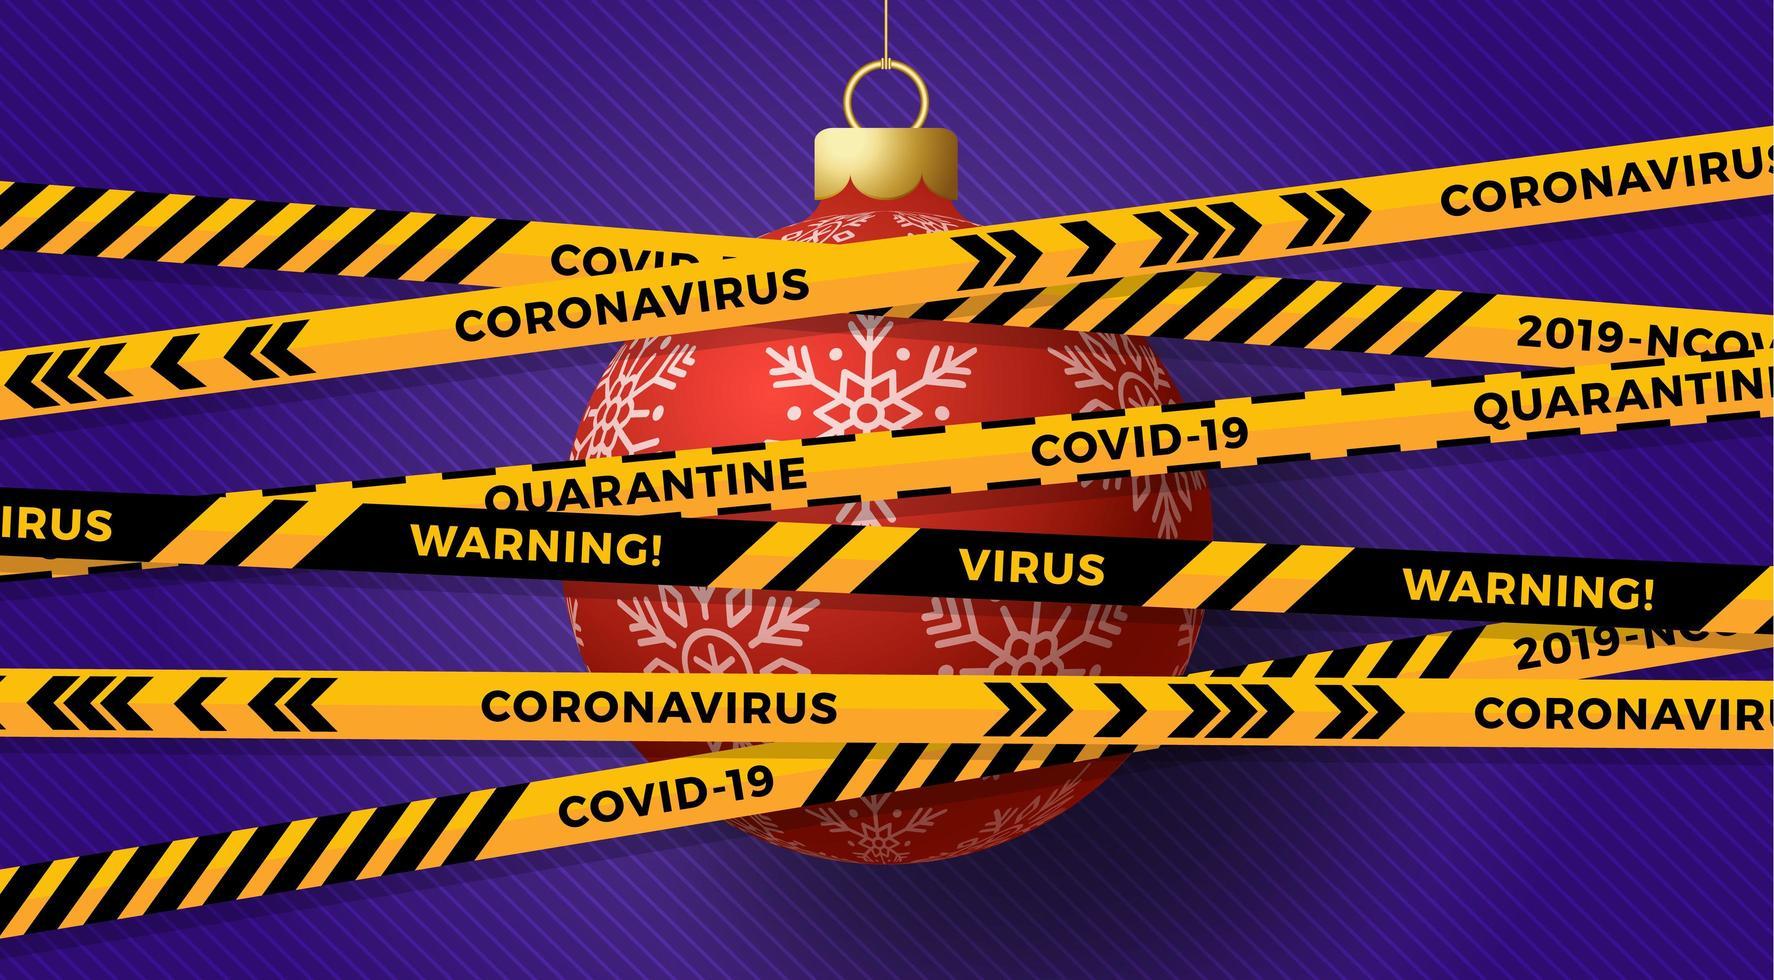 boule de noël rouge couverte par du ruban de mise en garde contre le coronavirus vecteur